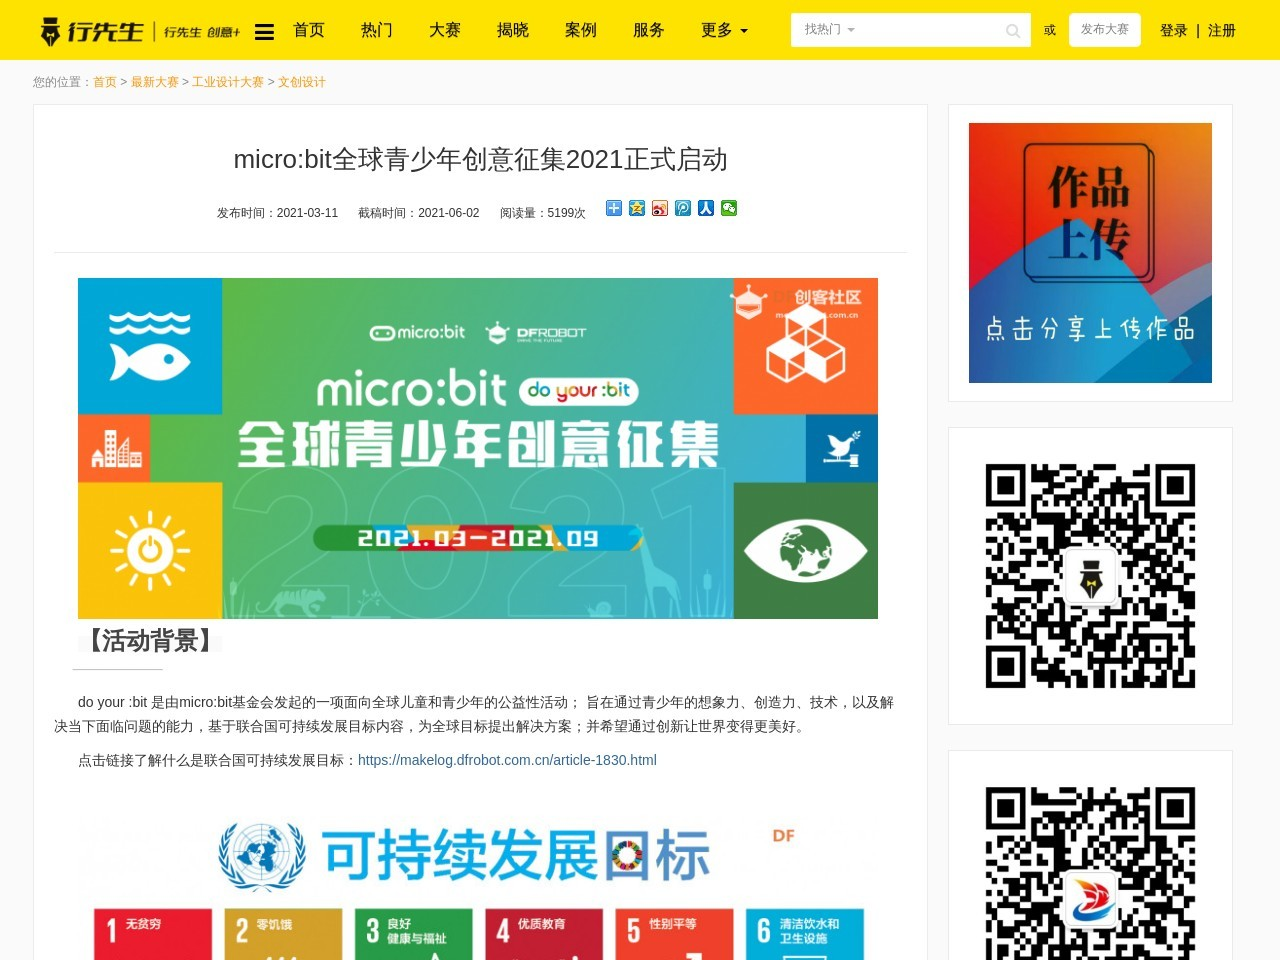 micro:bit全球青少年创意征集2021正式启动